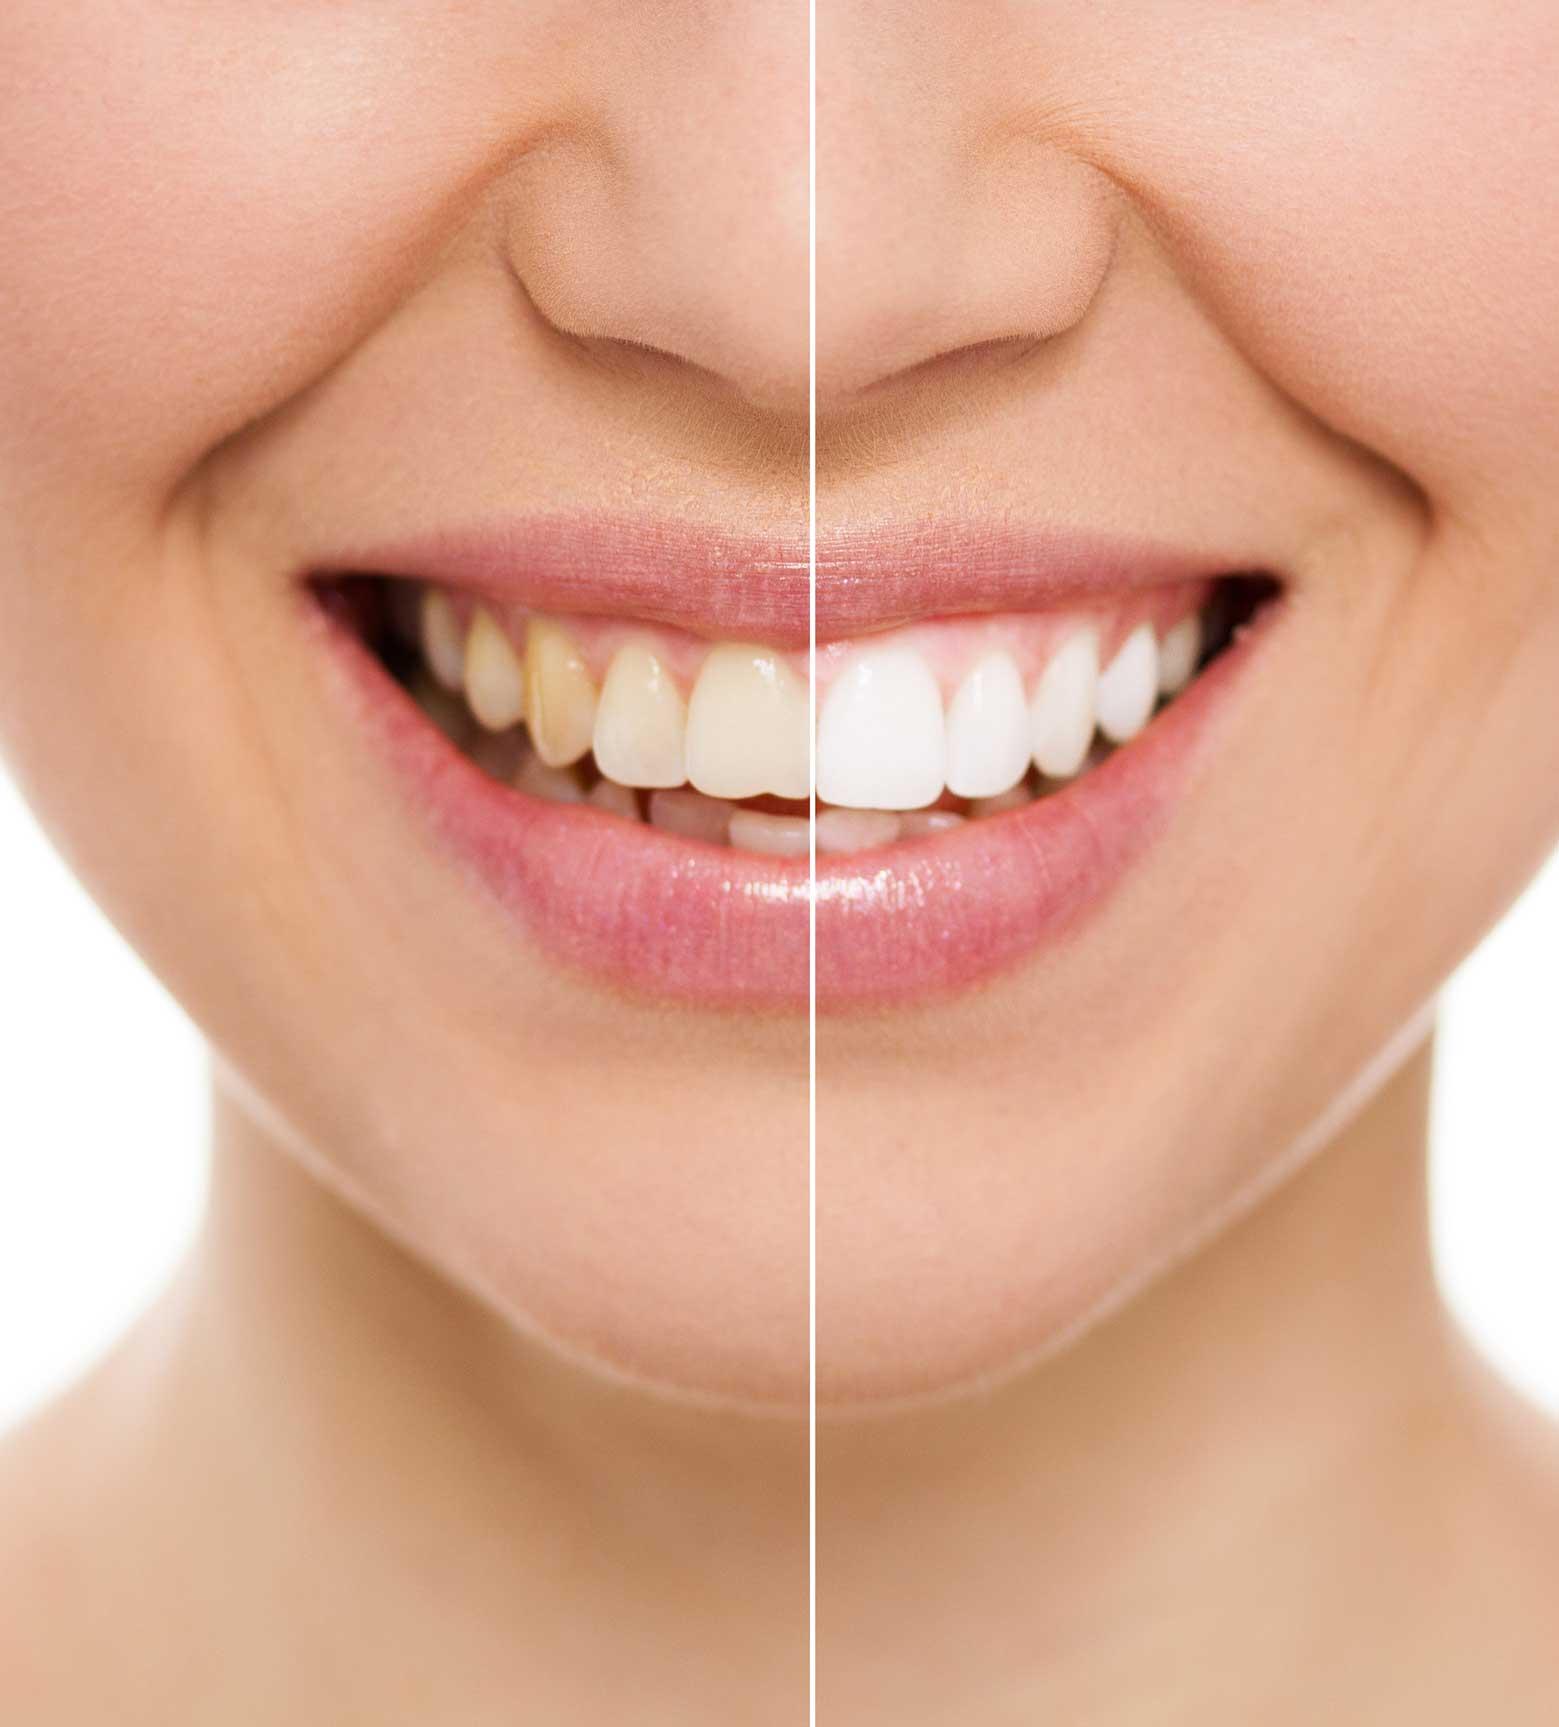 Estética dental en Los Realejos, Clínica dental en Los Realejos, Dentista en Los Realejos